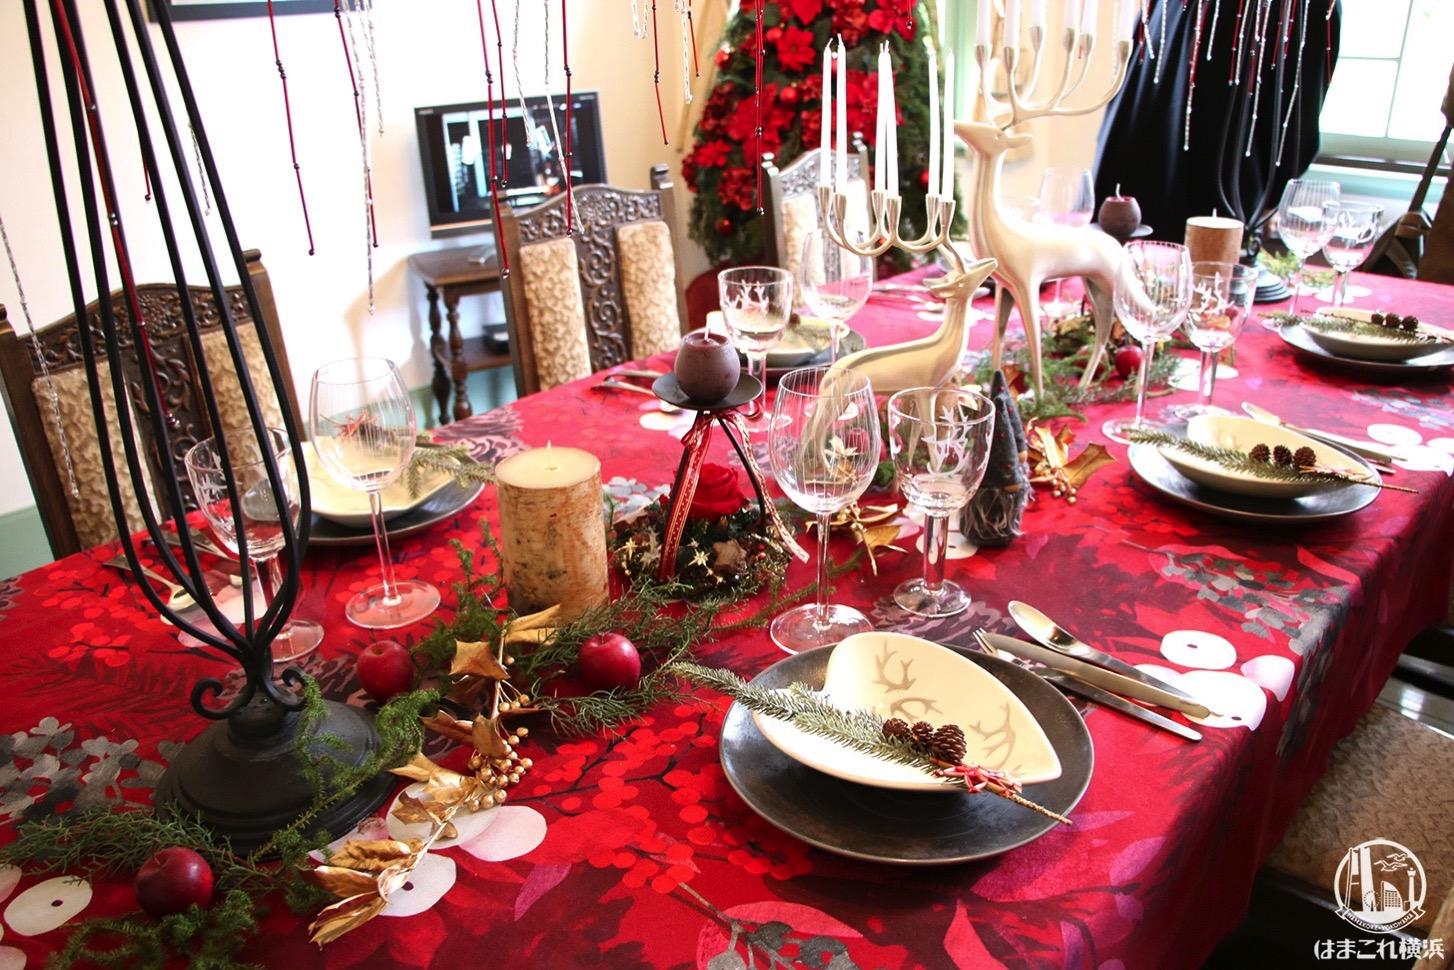 山手西洋館 クリスマス装飾